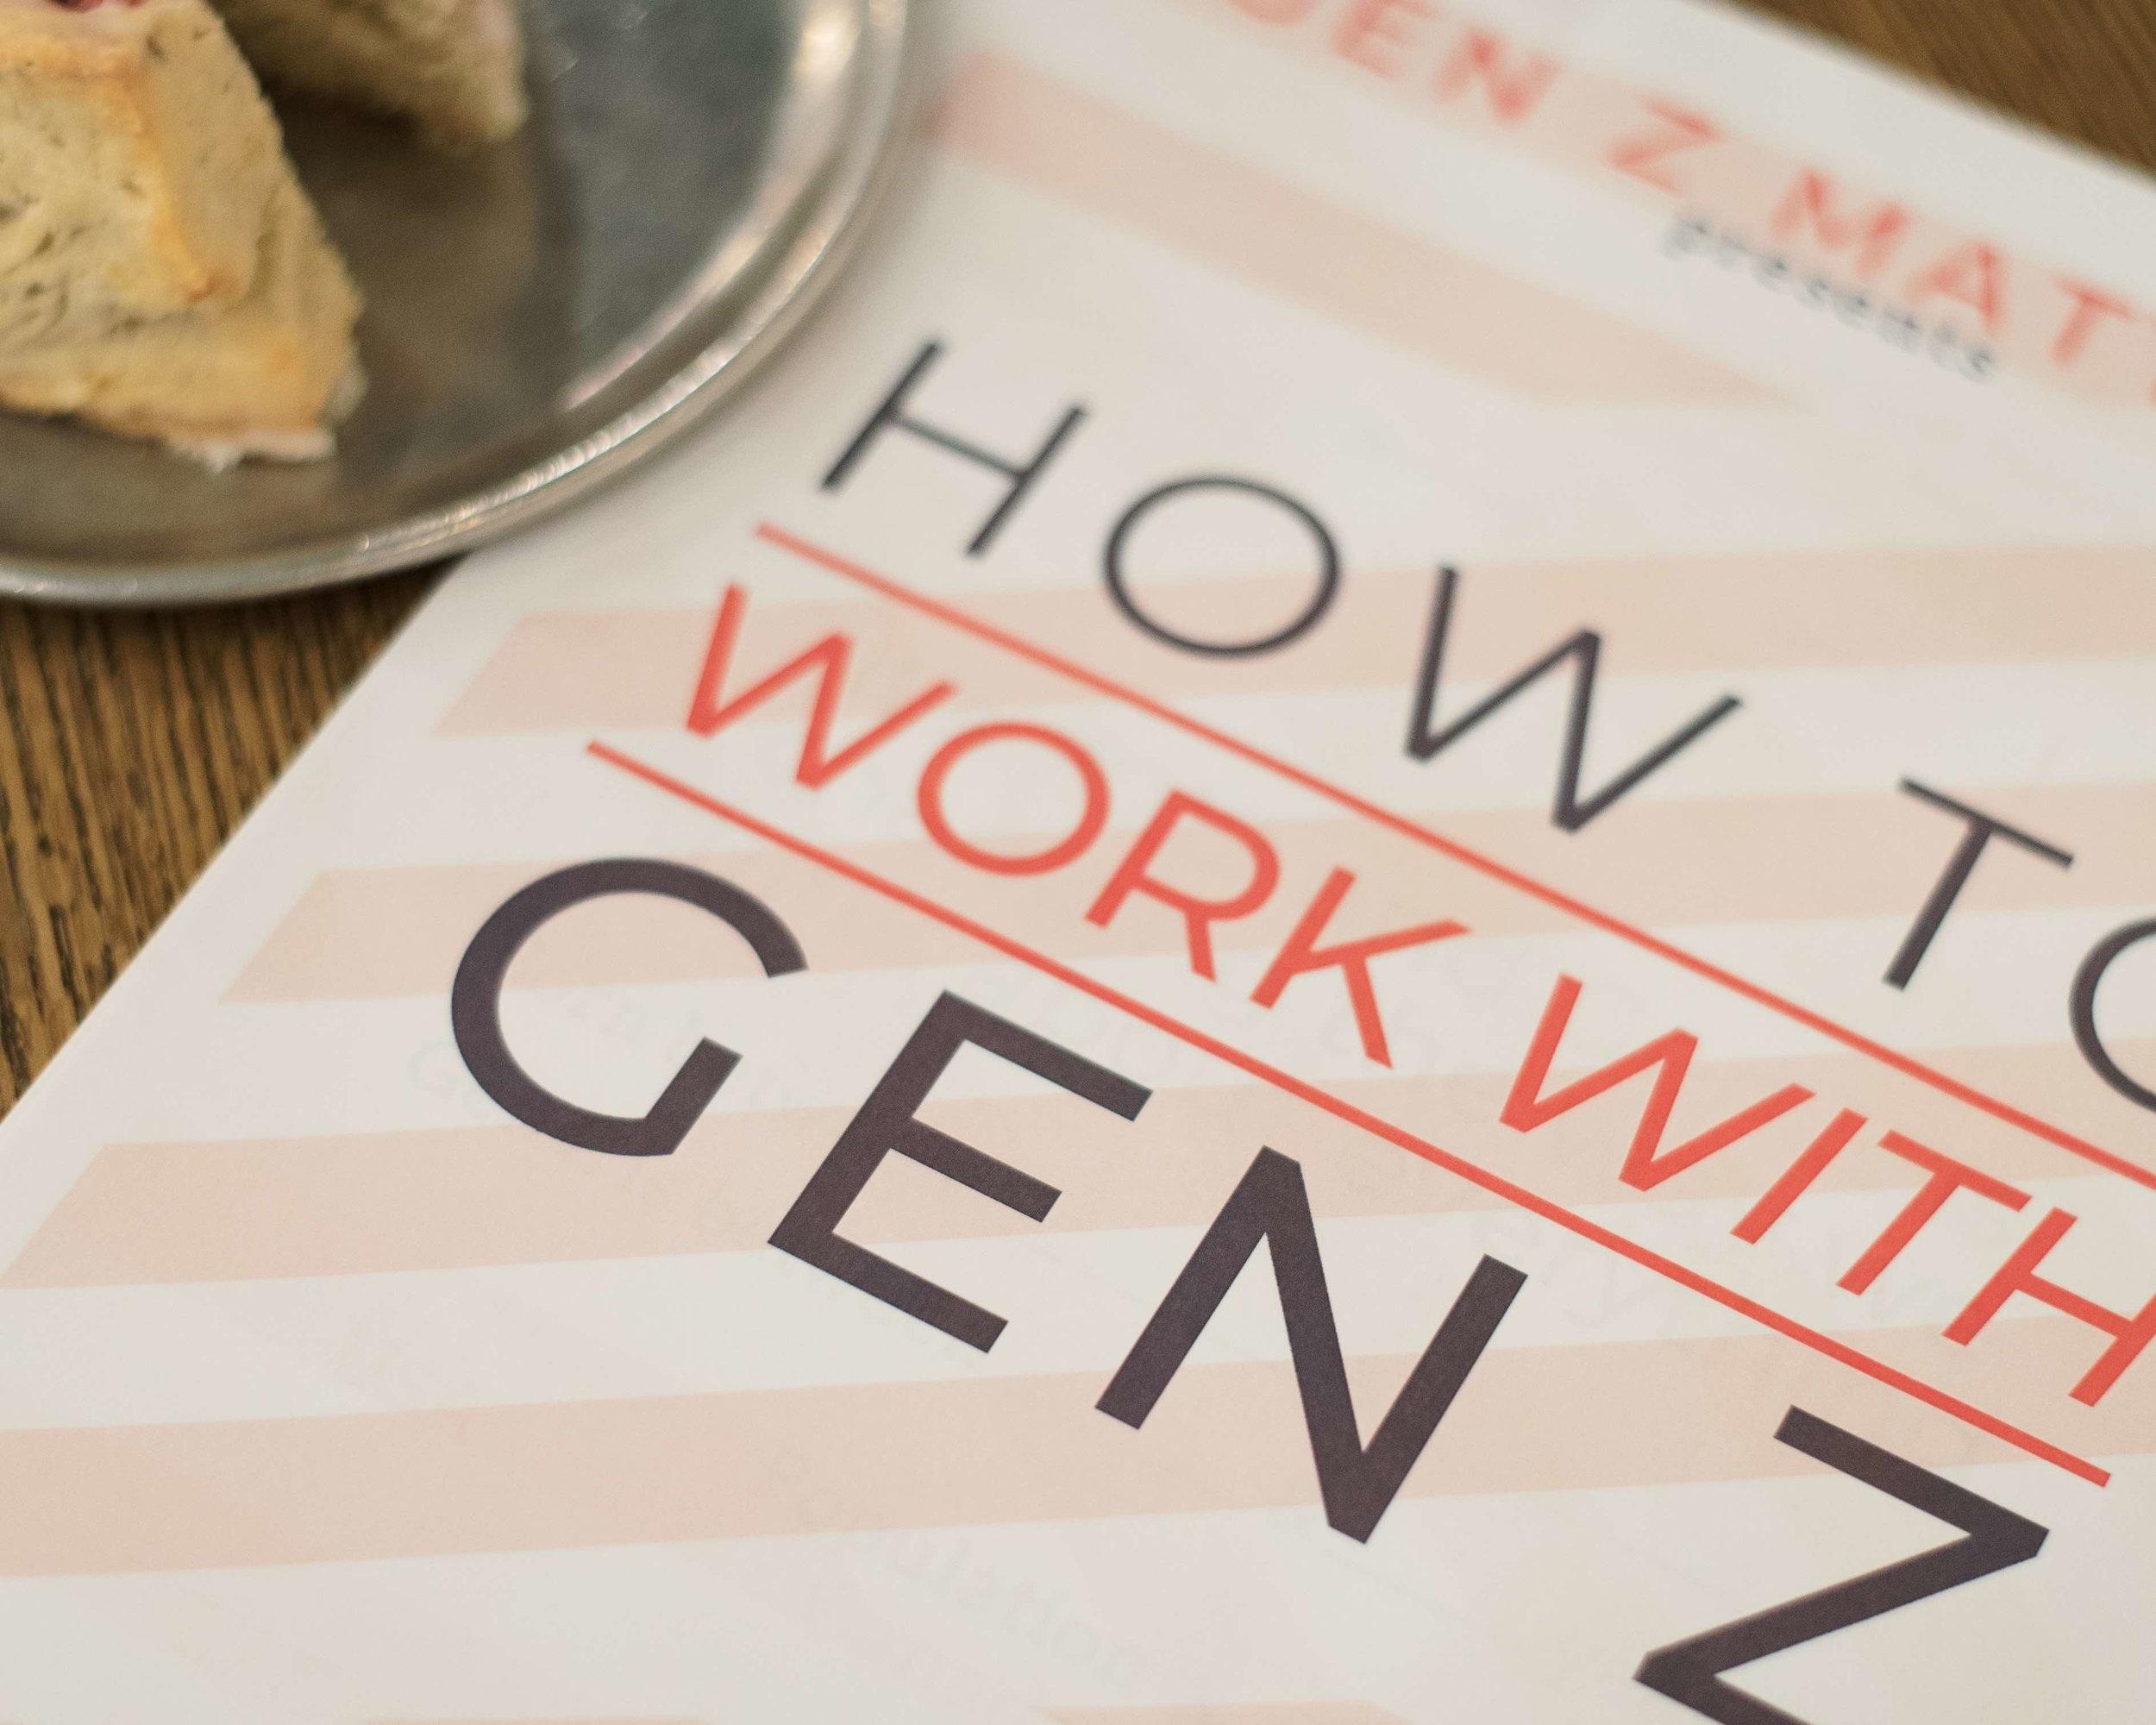 Gen Z Matters Workshop